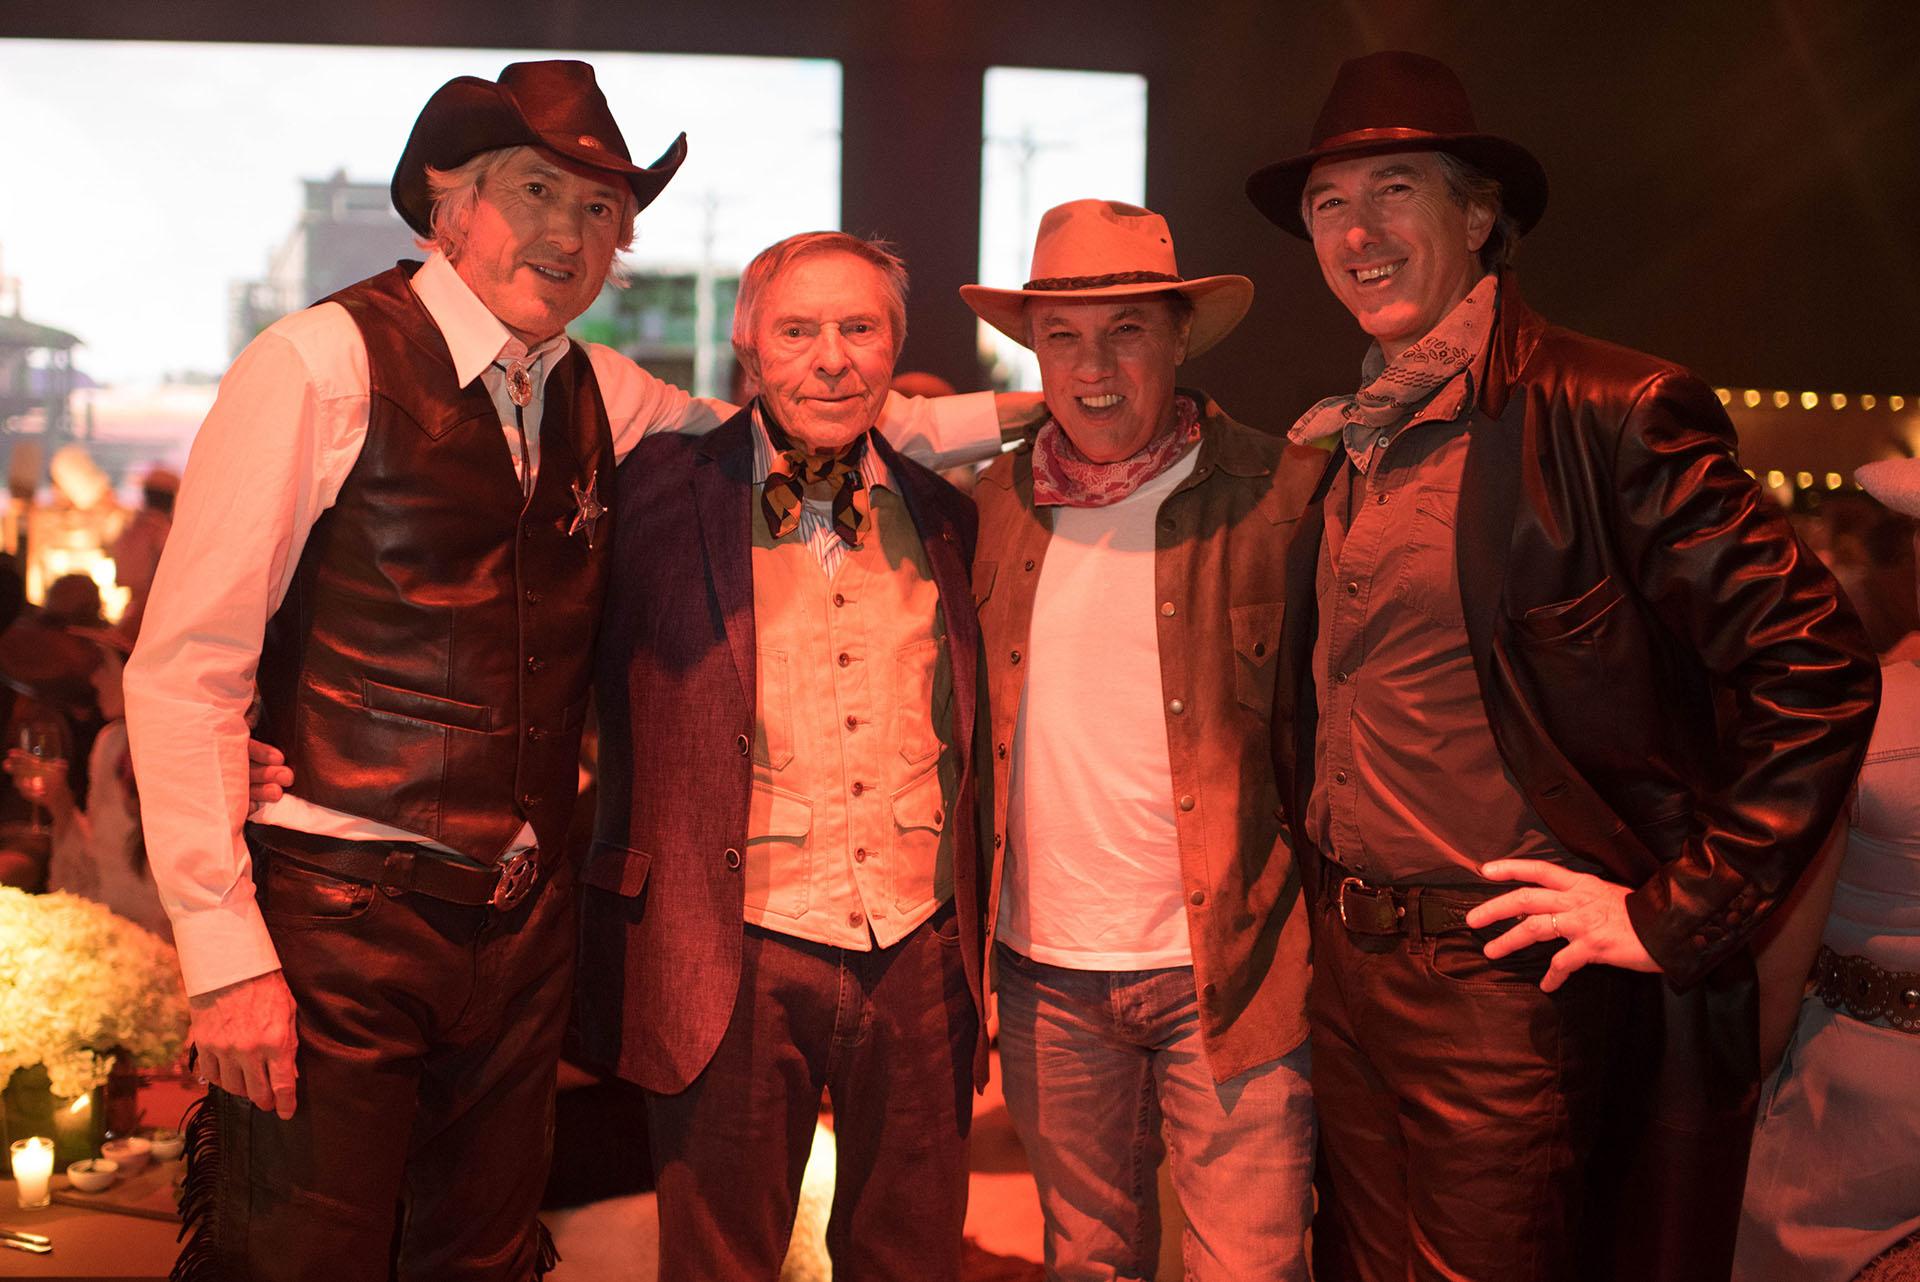 Alberto W. H. Roemmers junto a sus hijos. El dress code texano fue sugerido para los invitados: sombreros, chalecos de flecos y botas